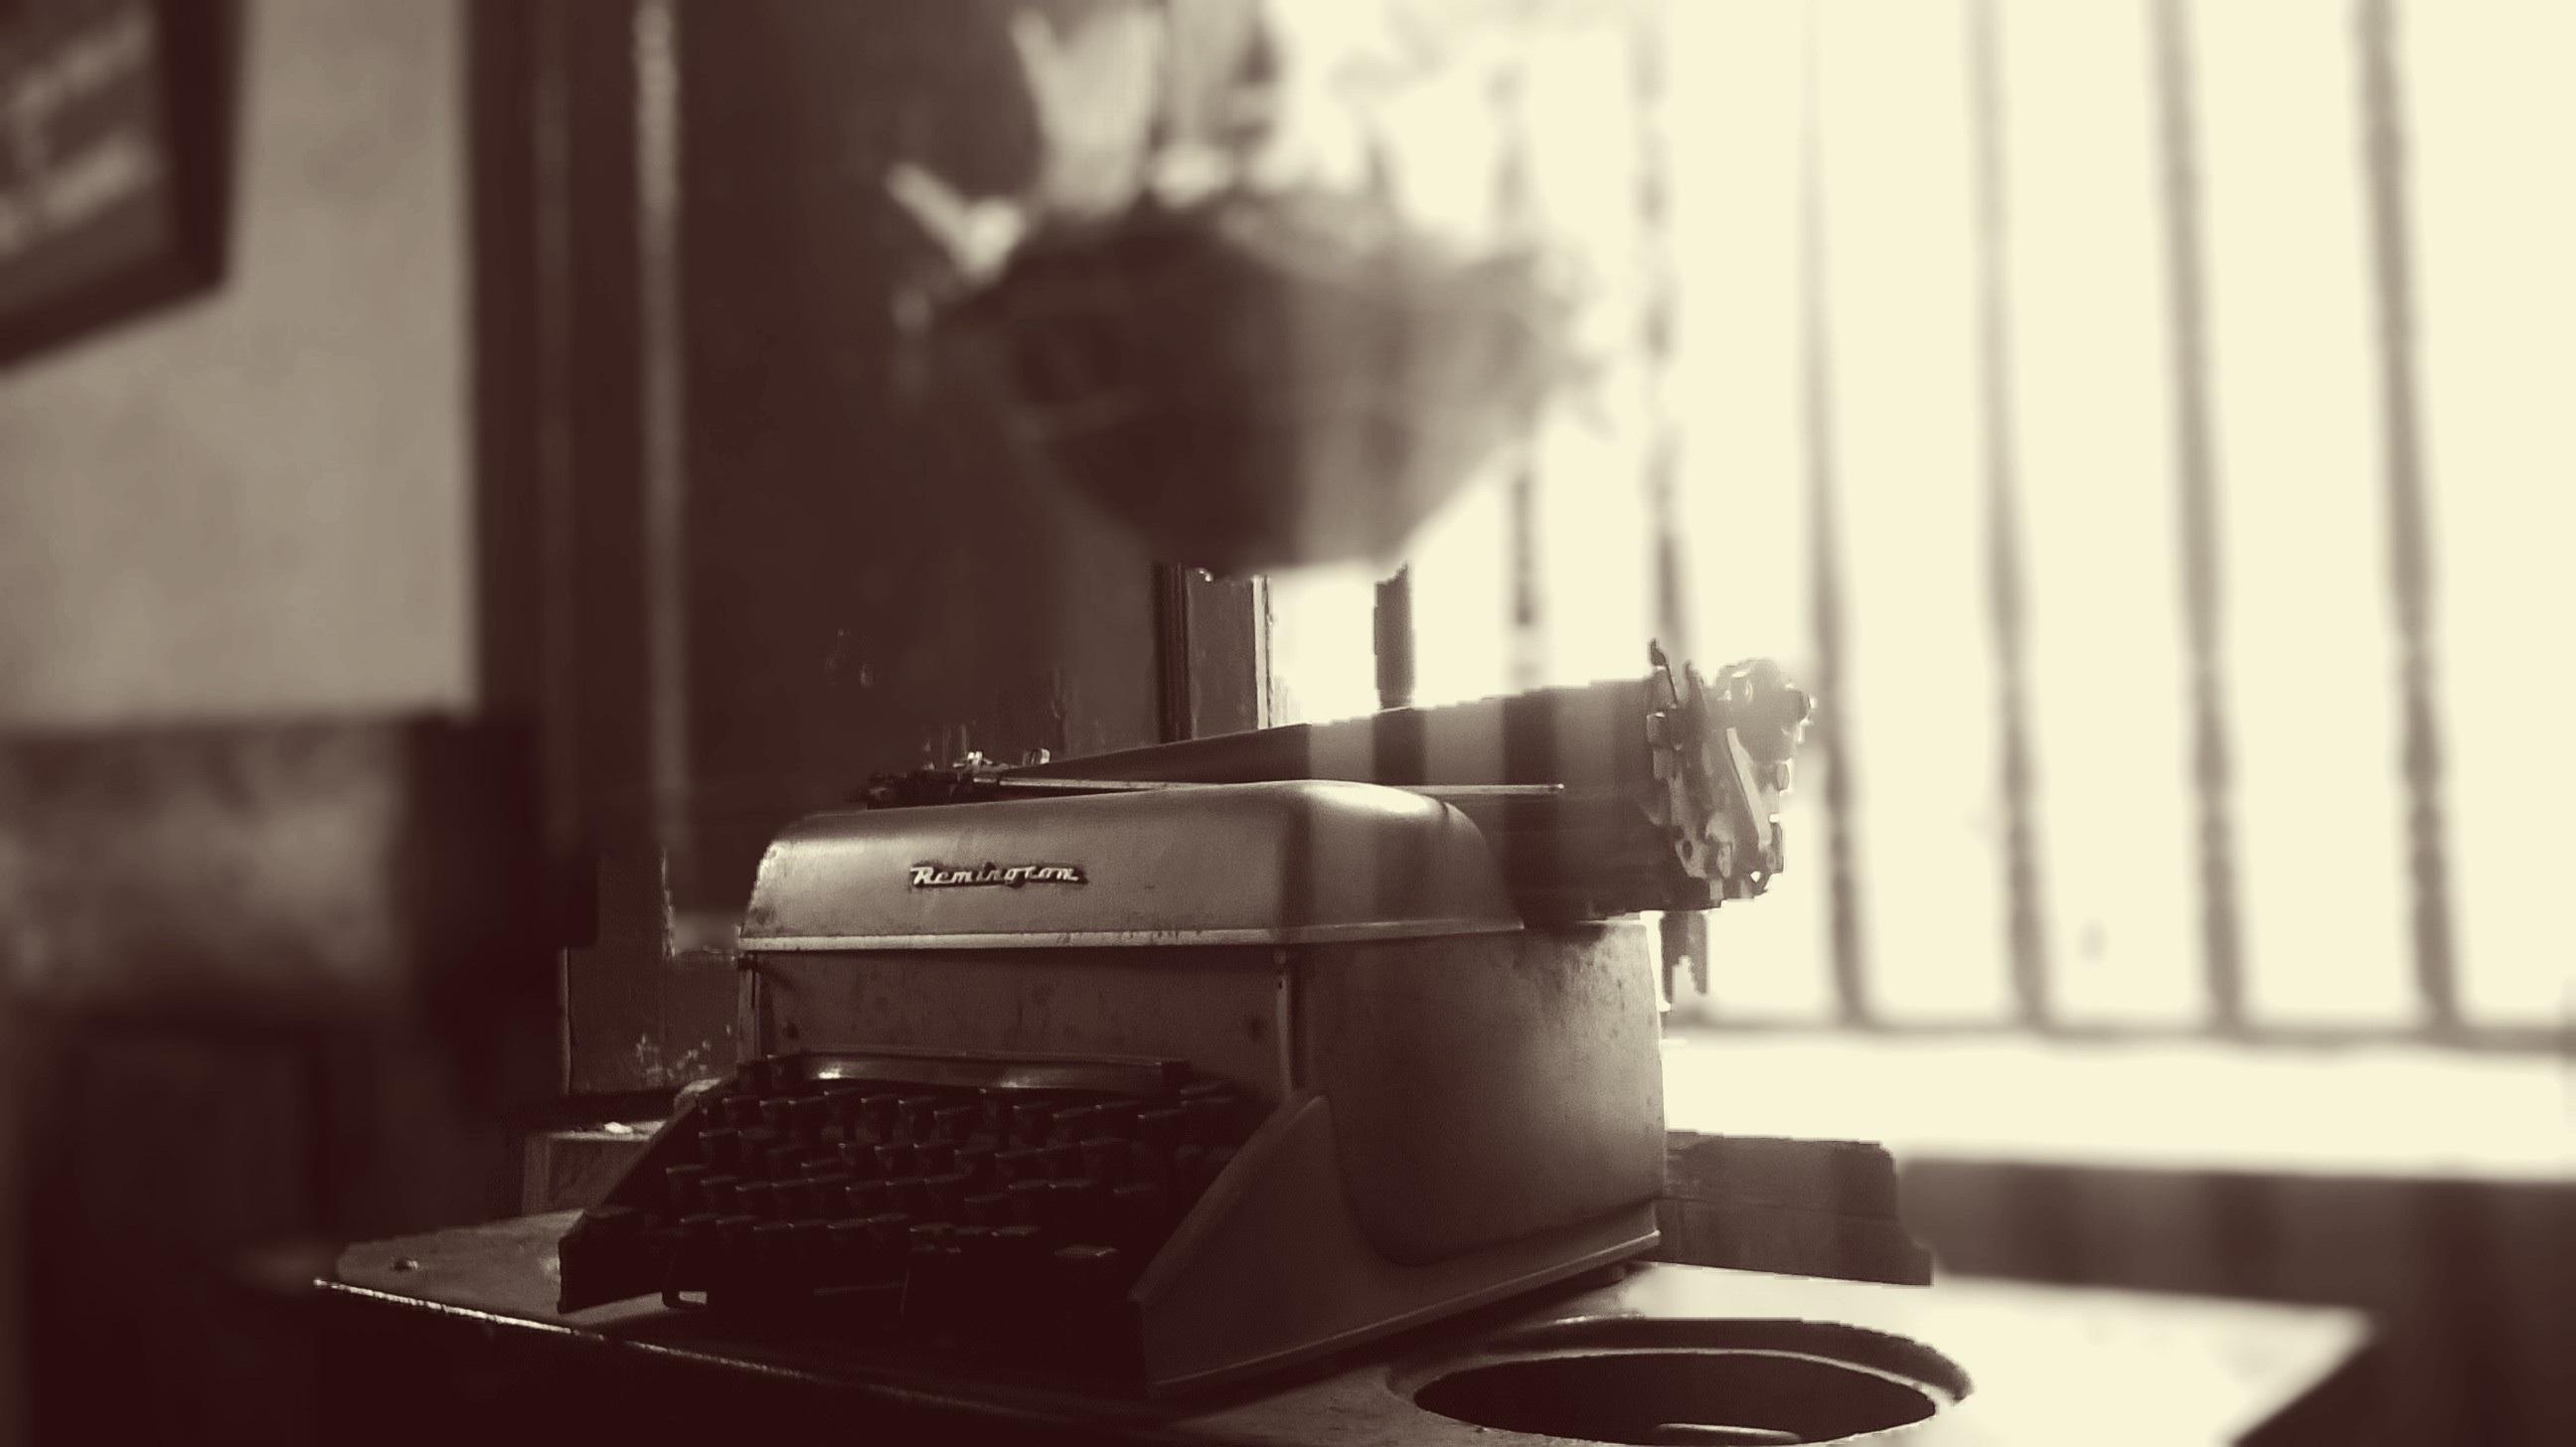 Gambar Kopi Hitam Dan Putih Jendela Mesin Tik Minum Satu Warna Espreso Mesin Ketik Tua Foto Fotografi Monokrom Peralatan Kantor 2592x1456 33227 Galeri Foto Pxhere